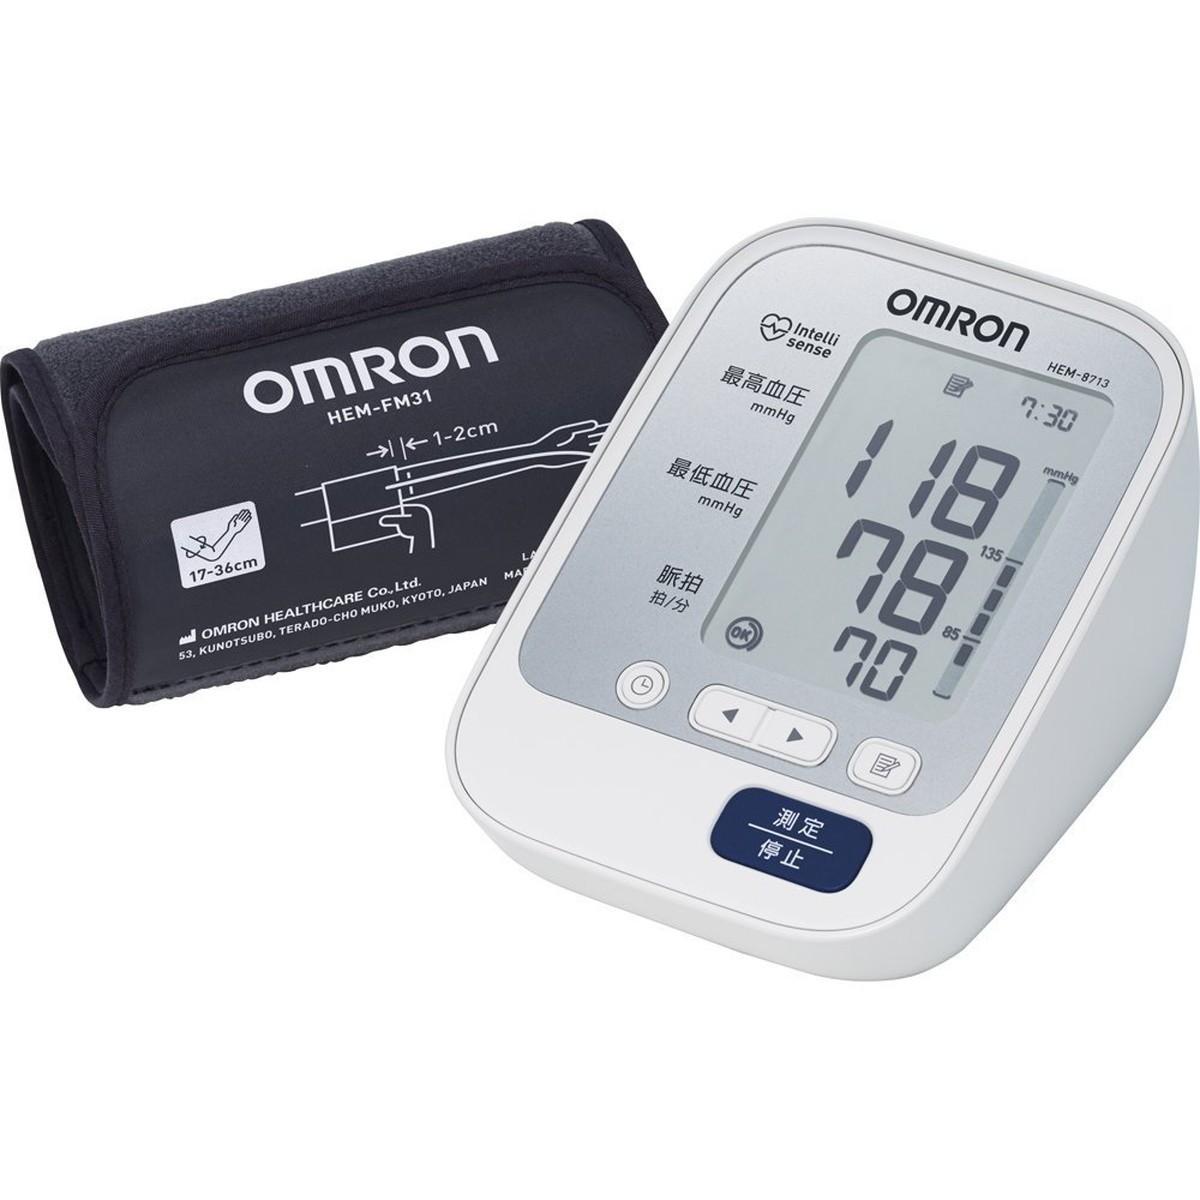 オムロン(OMRON) 上腕式血圧計 HEM-8713【クーポン配布中】